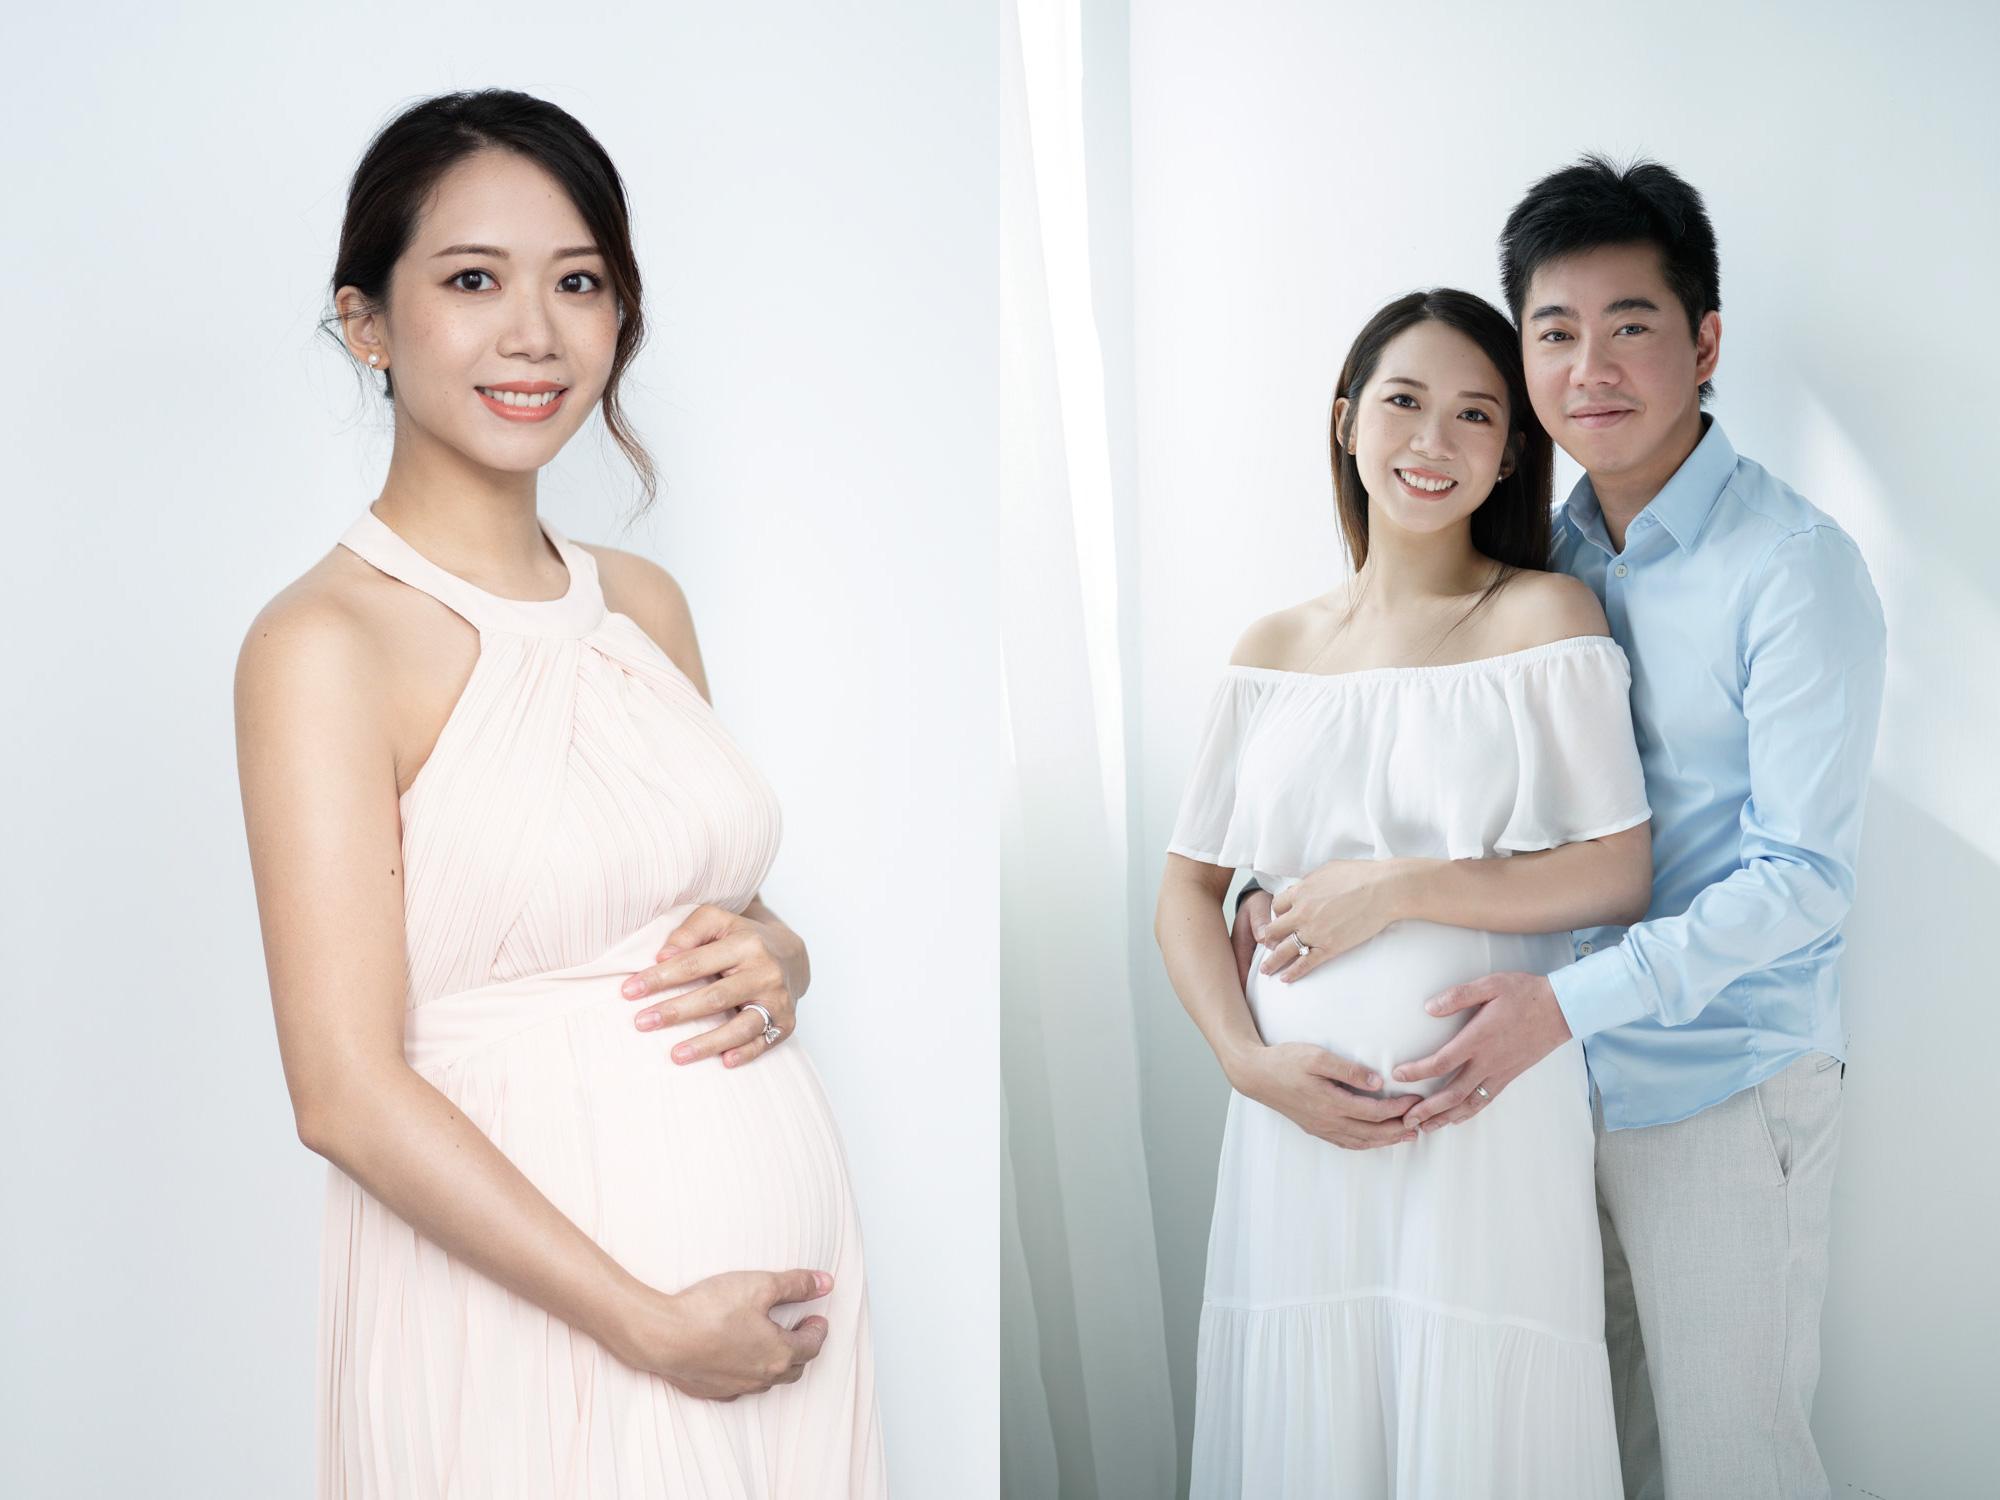 hk hong kong maternity photography fashion editorial